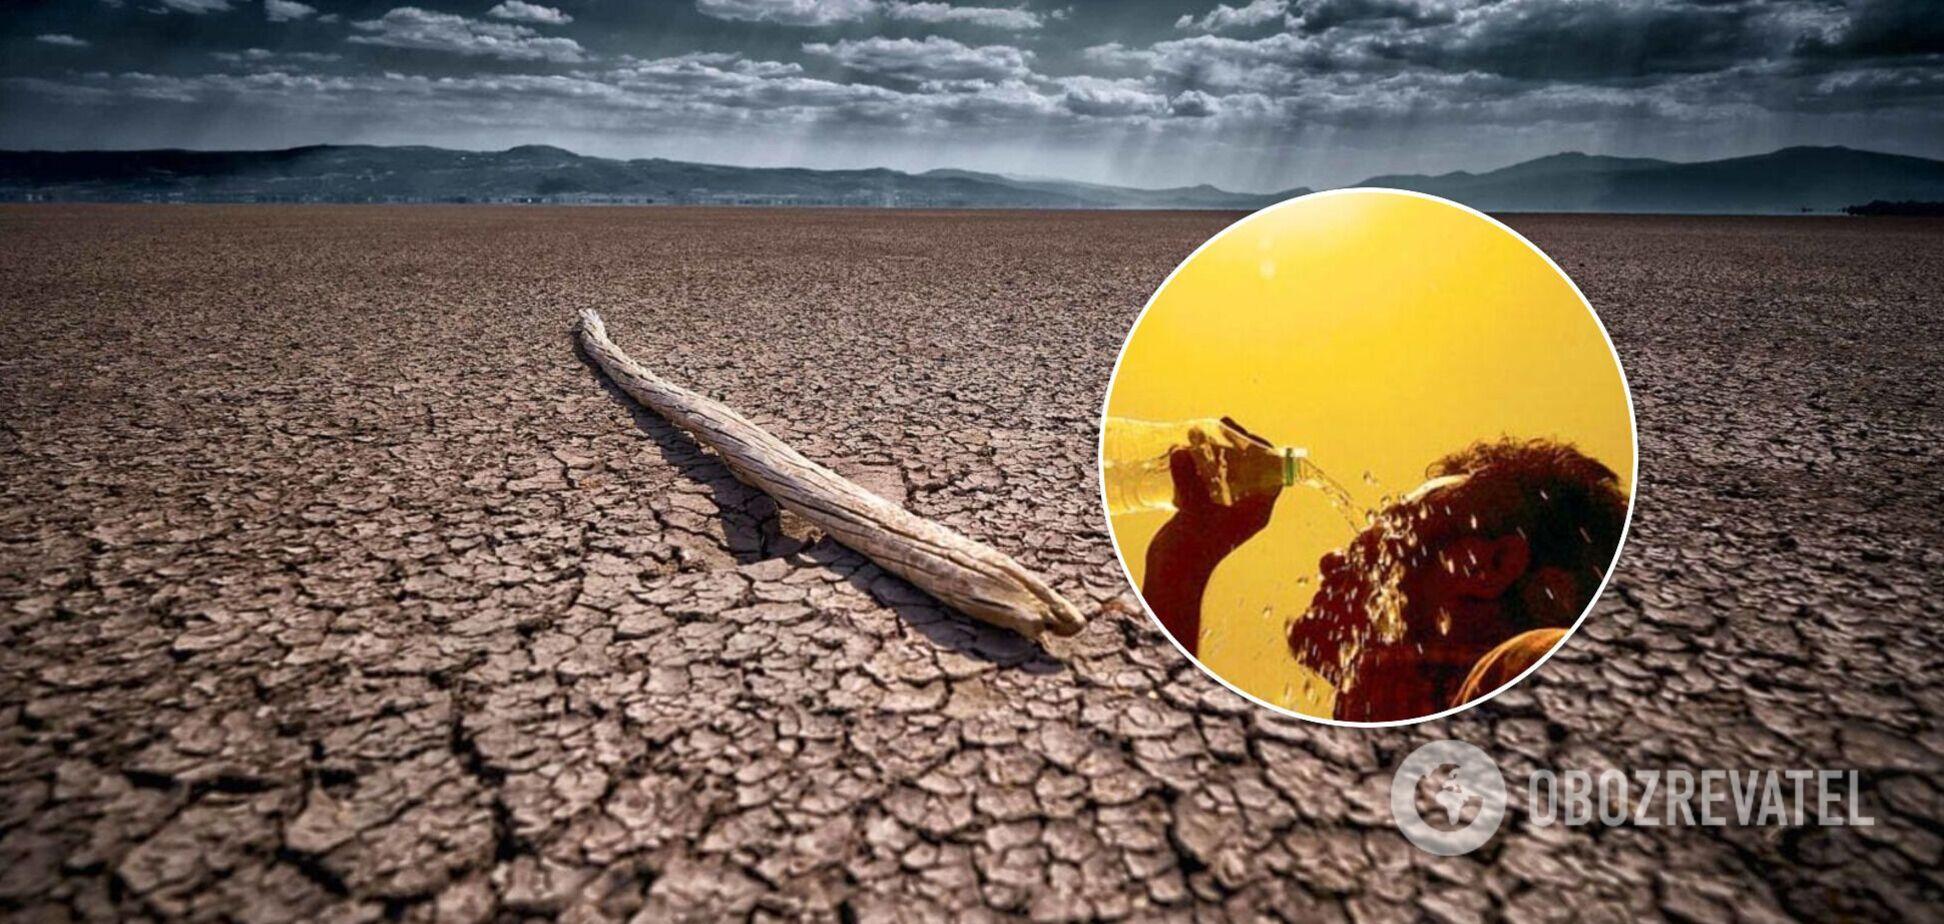 Синоптик – об аномальной погоде: в ближайшие годы жара в Украине будет усиливаться